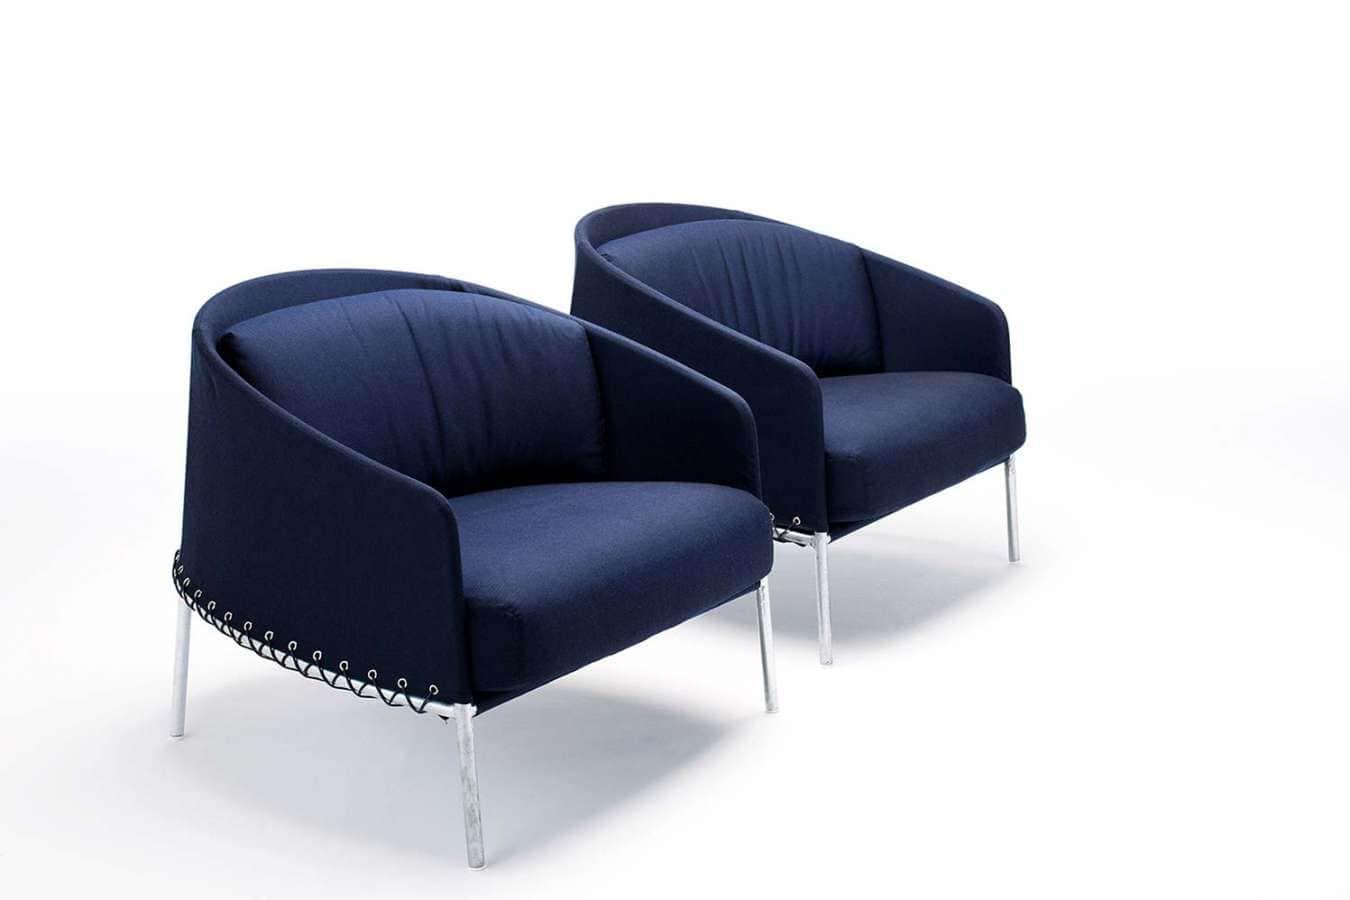 Avec son tressage et sa couleur bleue, Poncho revêt un tissu résistant, qui vous permettra d'en profiter également à l'extérieur. Design Lucidi Pevere. ©Living Divani